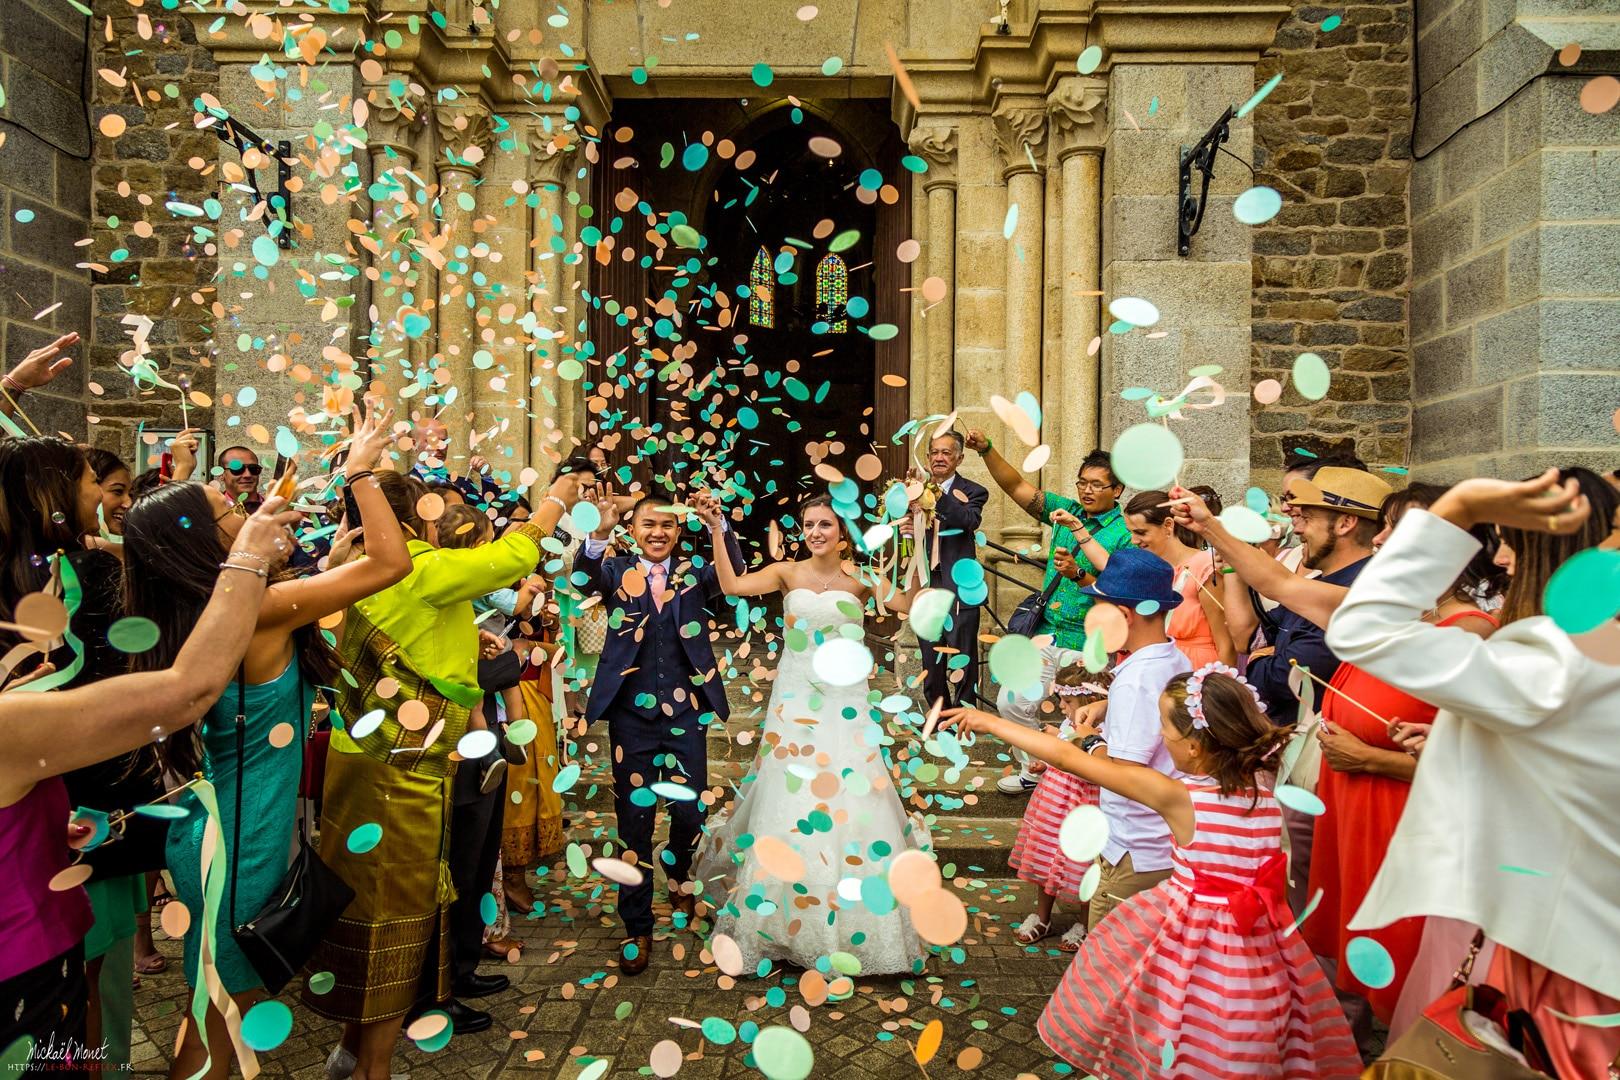 photographe-rennes-mariage-portrait-bretagne